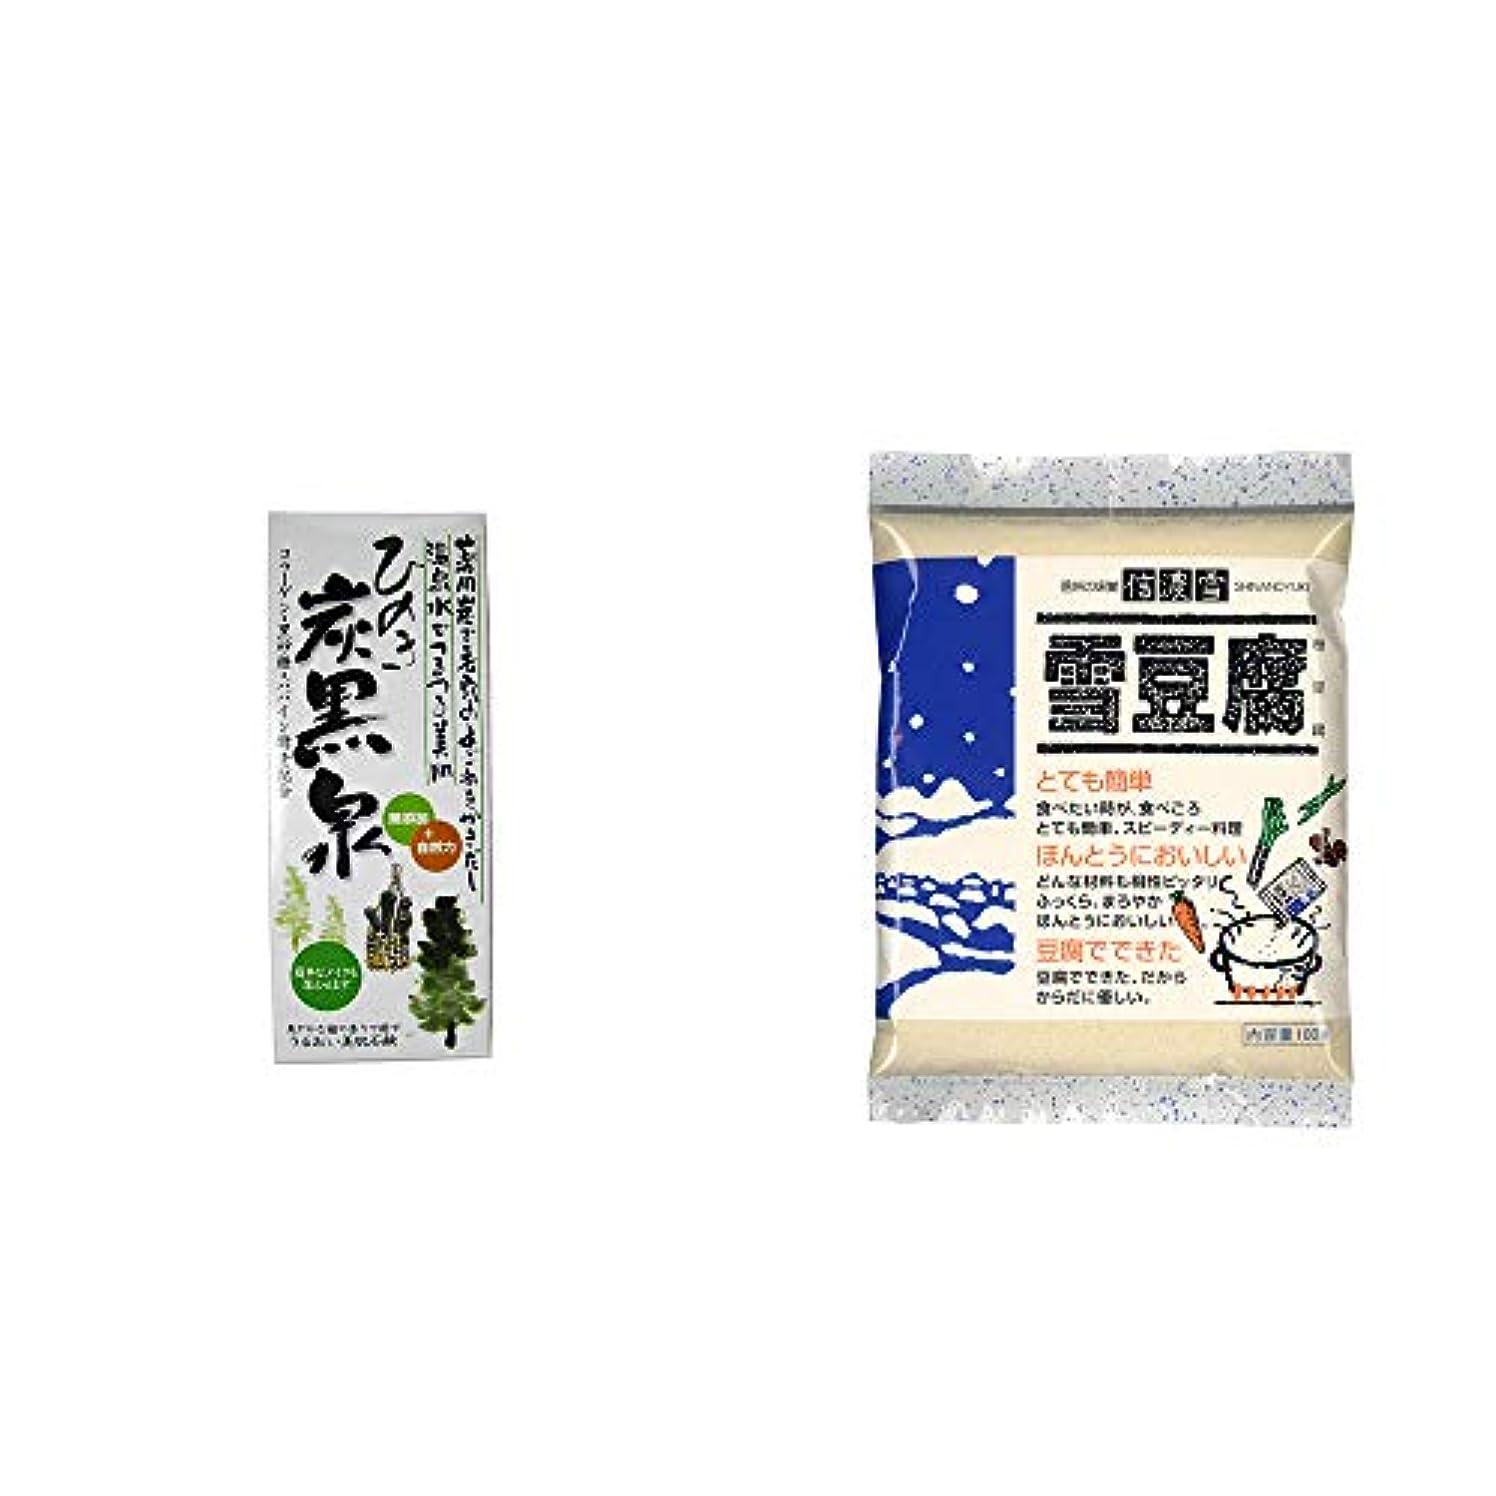 別々に反対ラインナップ[2点セット] ひのき炭黒泉 箱入り(75g×3)?信濃雪 雪豆腐(粉豆腐)(100g)